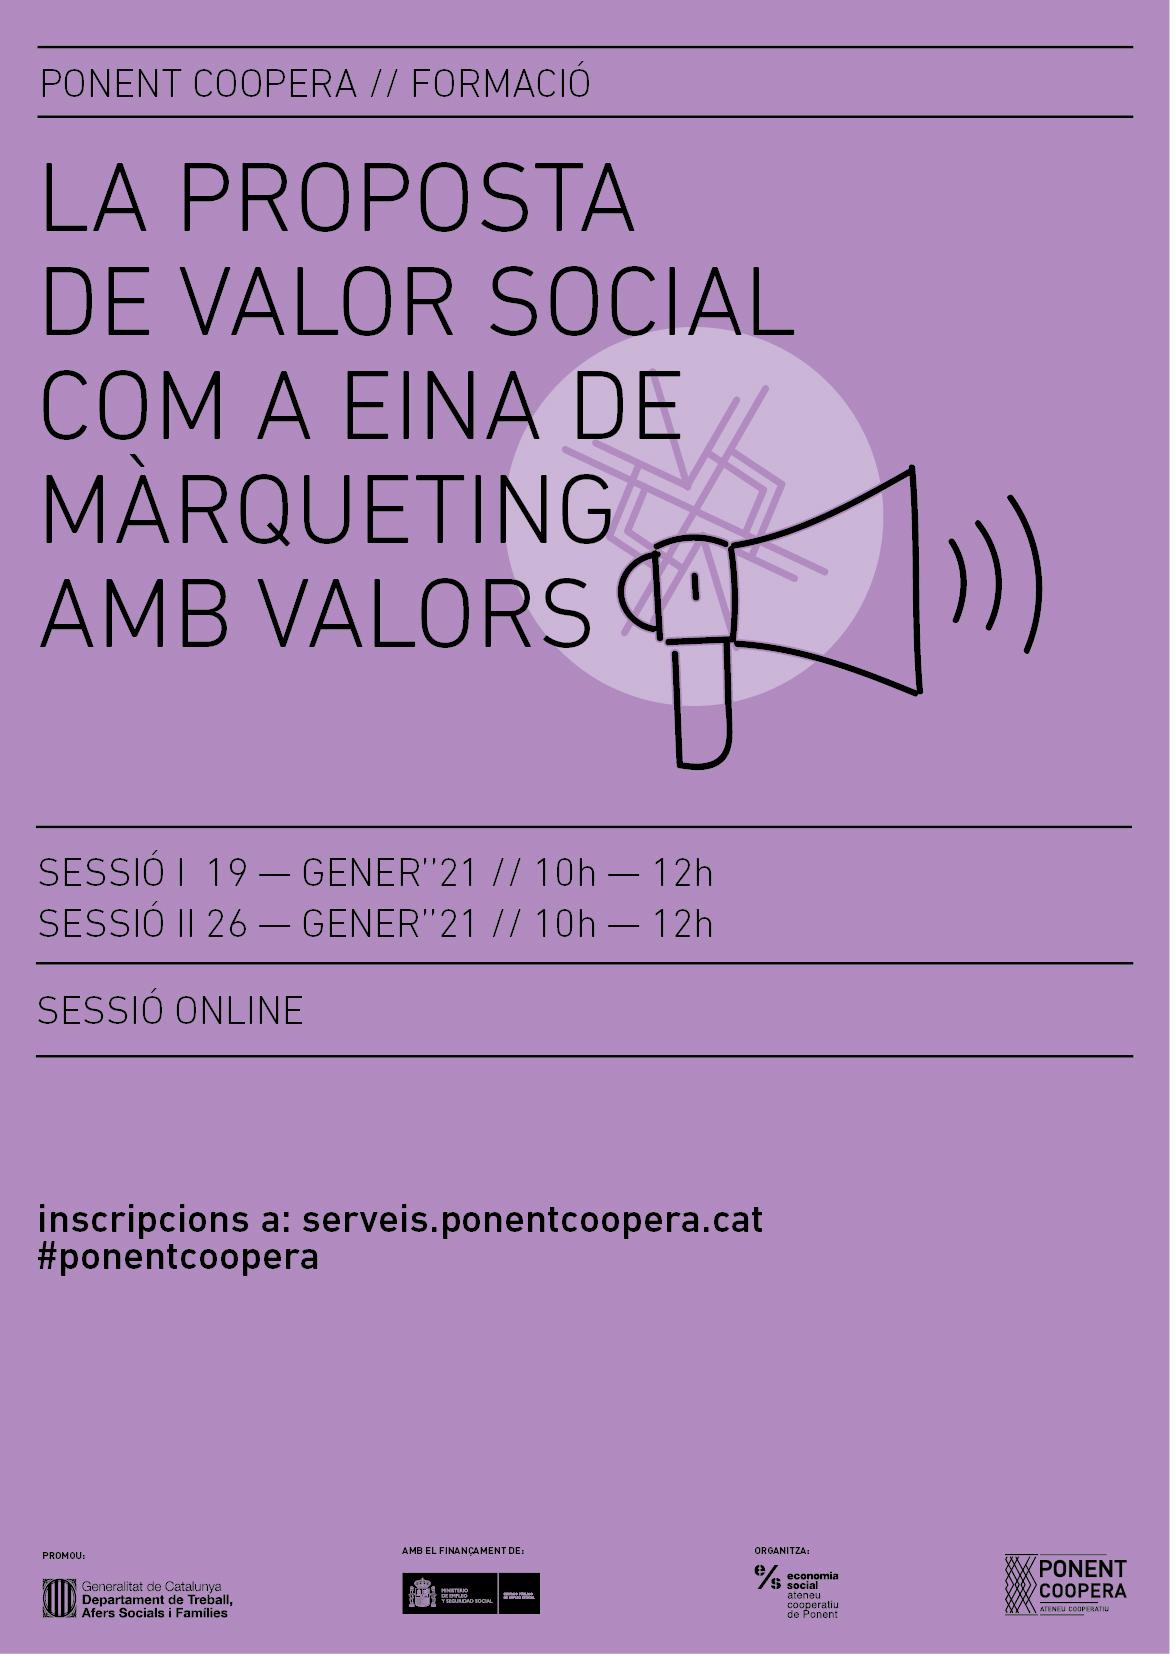 La Proposta de Valor Social com a eina de màrqueting amb valors. Sessió 1